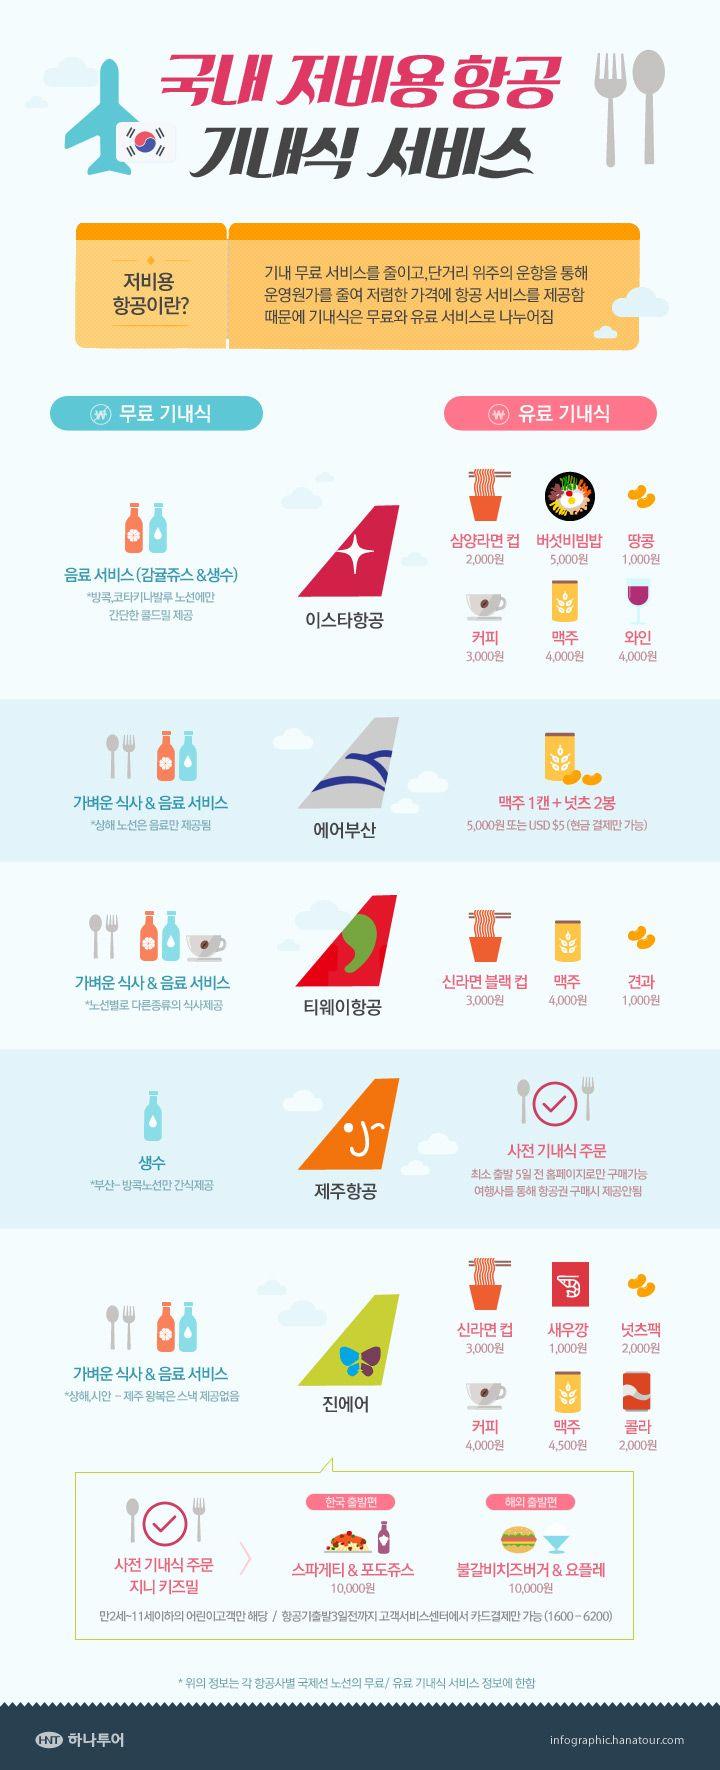 국내 저비용 항공 기내식 서비스에 관한 인포그래픽